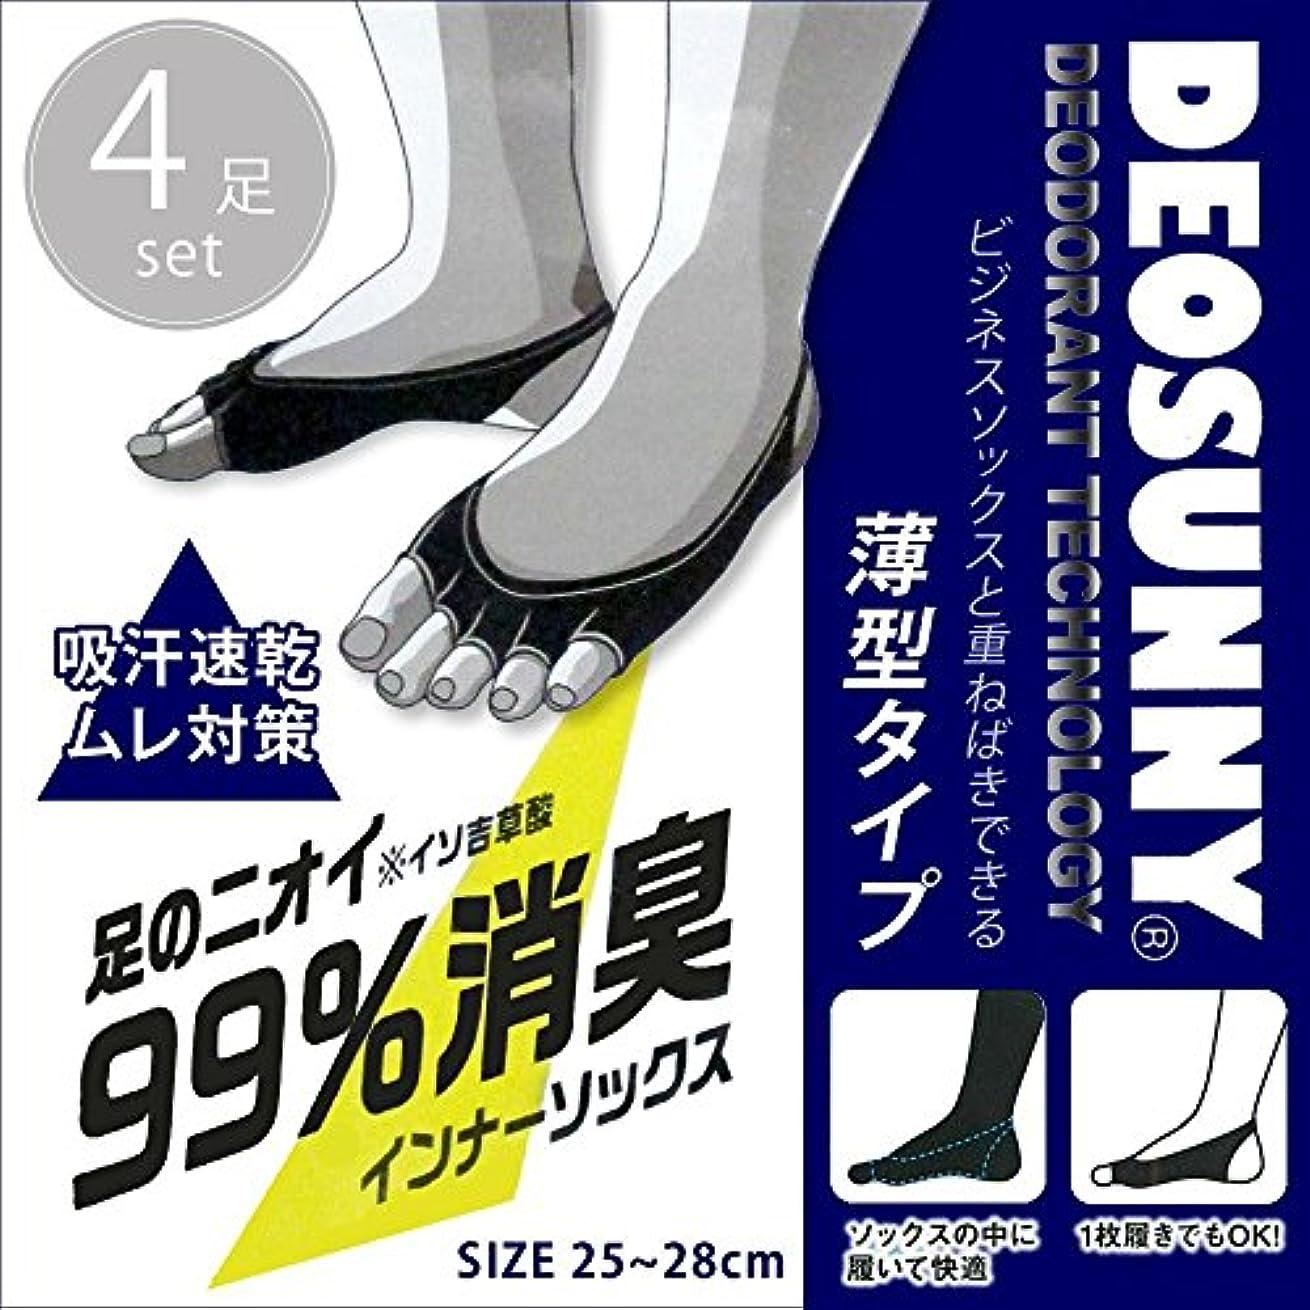 誇りに思う苦難苦難DEOSUNNY デオサニー 高機能消臭 抗菌防臭×吸汗速乾 インナーソックス メンズ ブラック ×4足セット